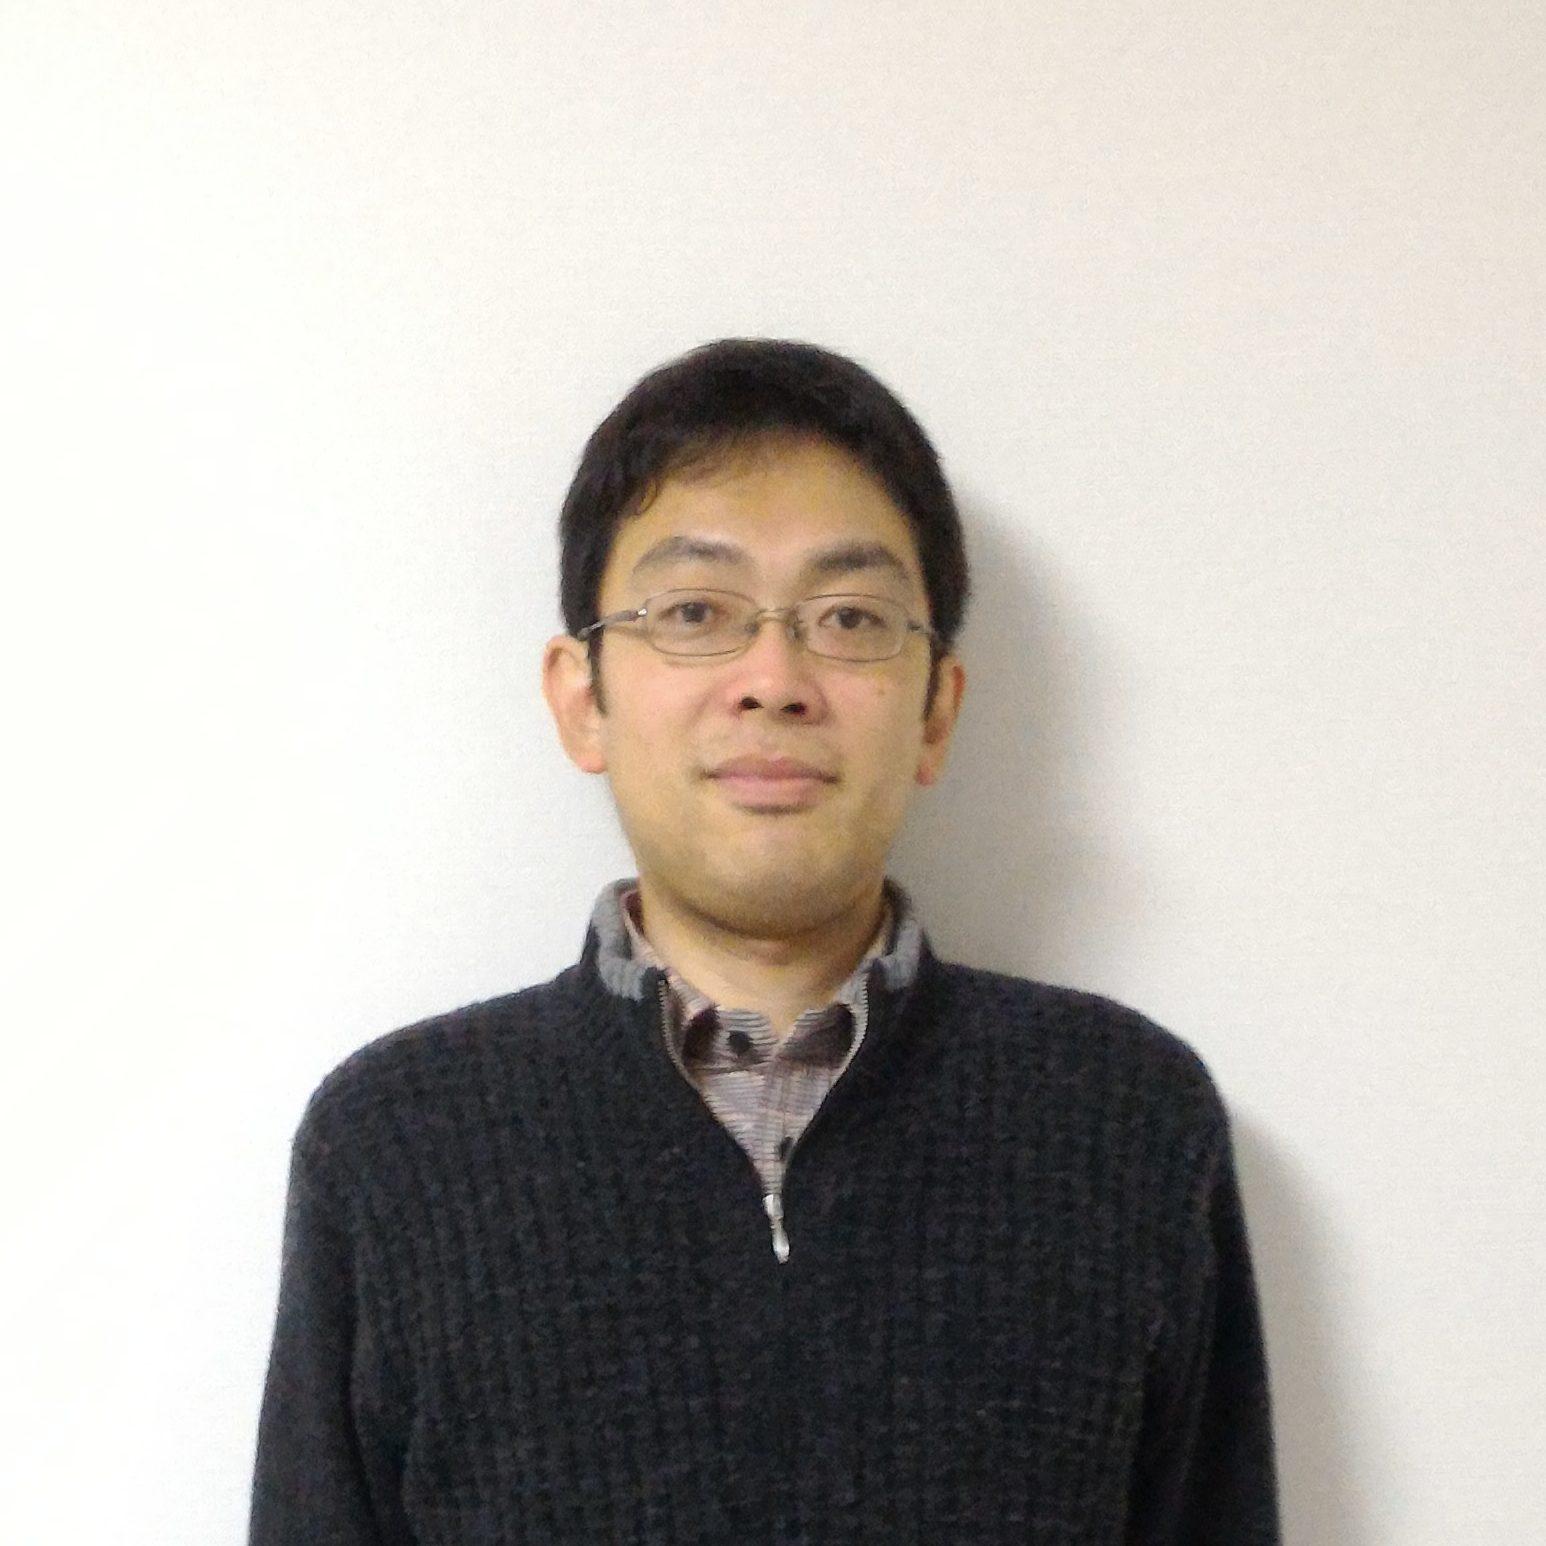 Futoshi Yagi